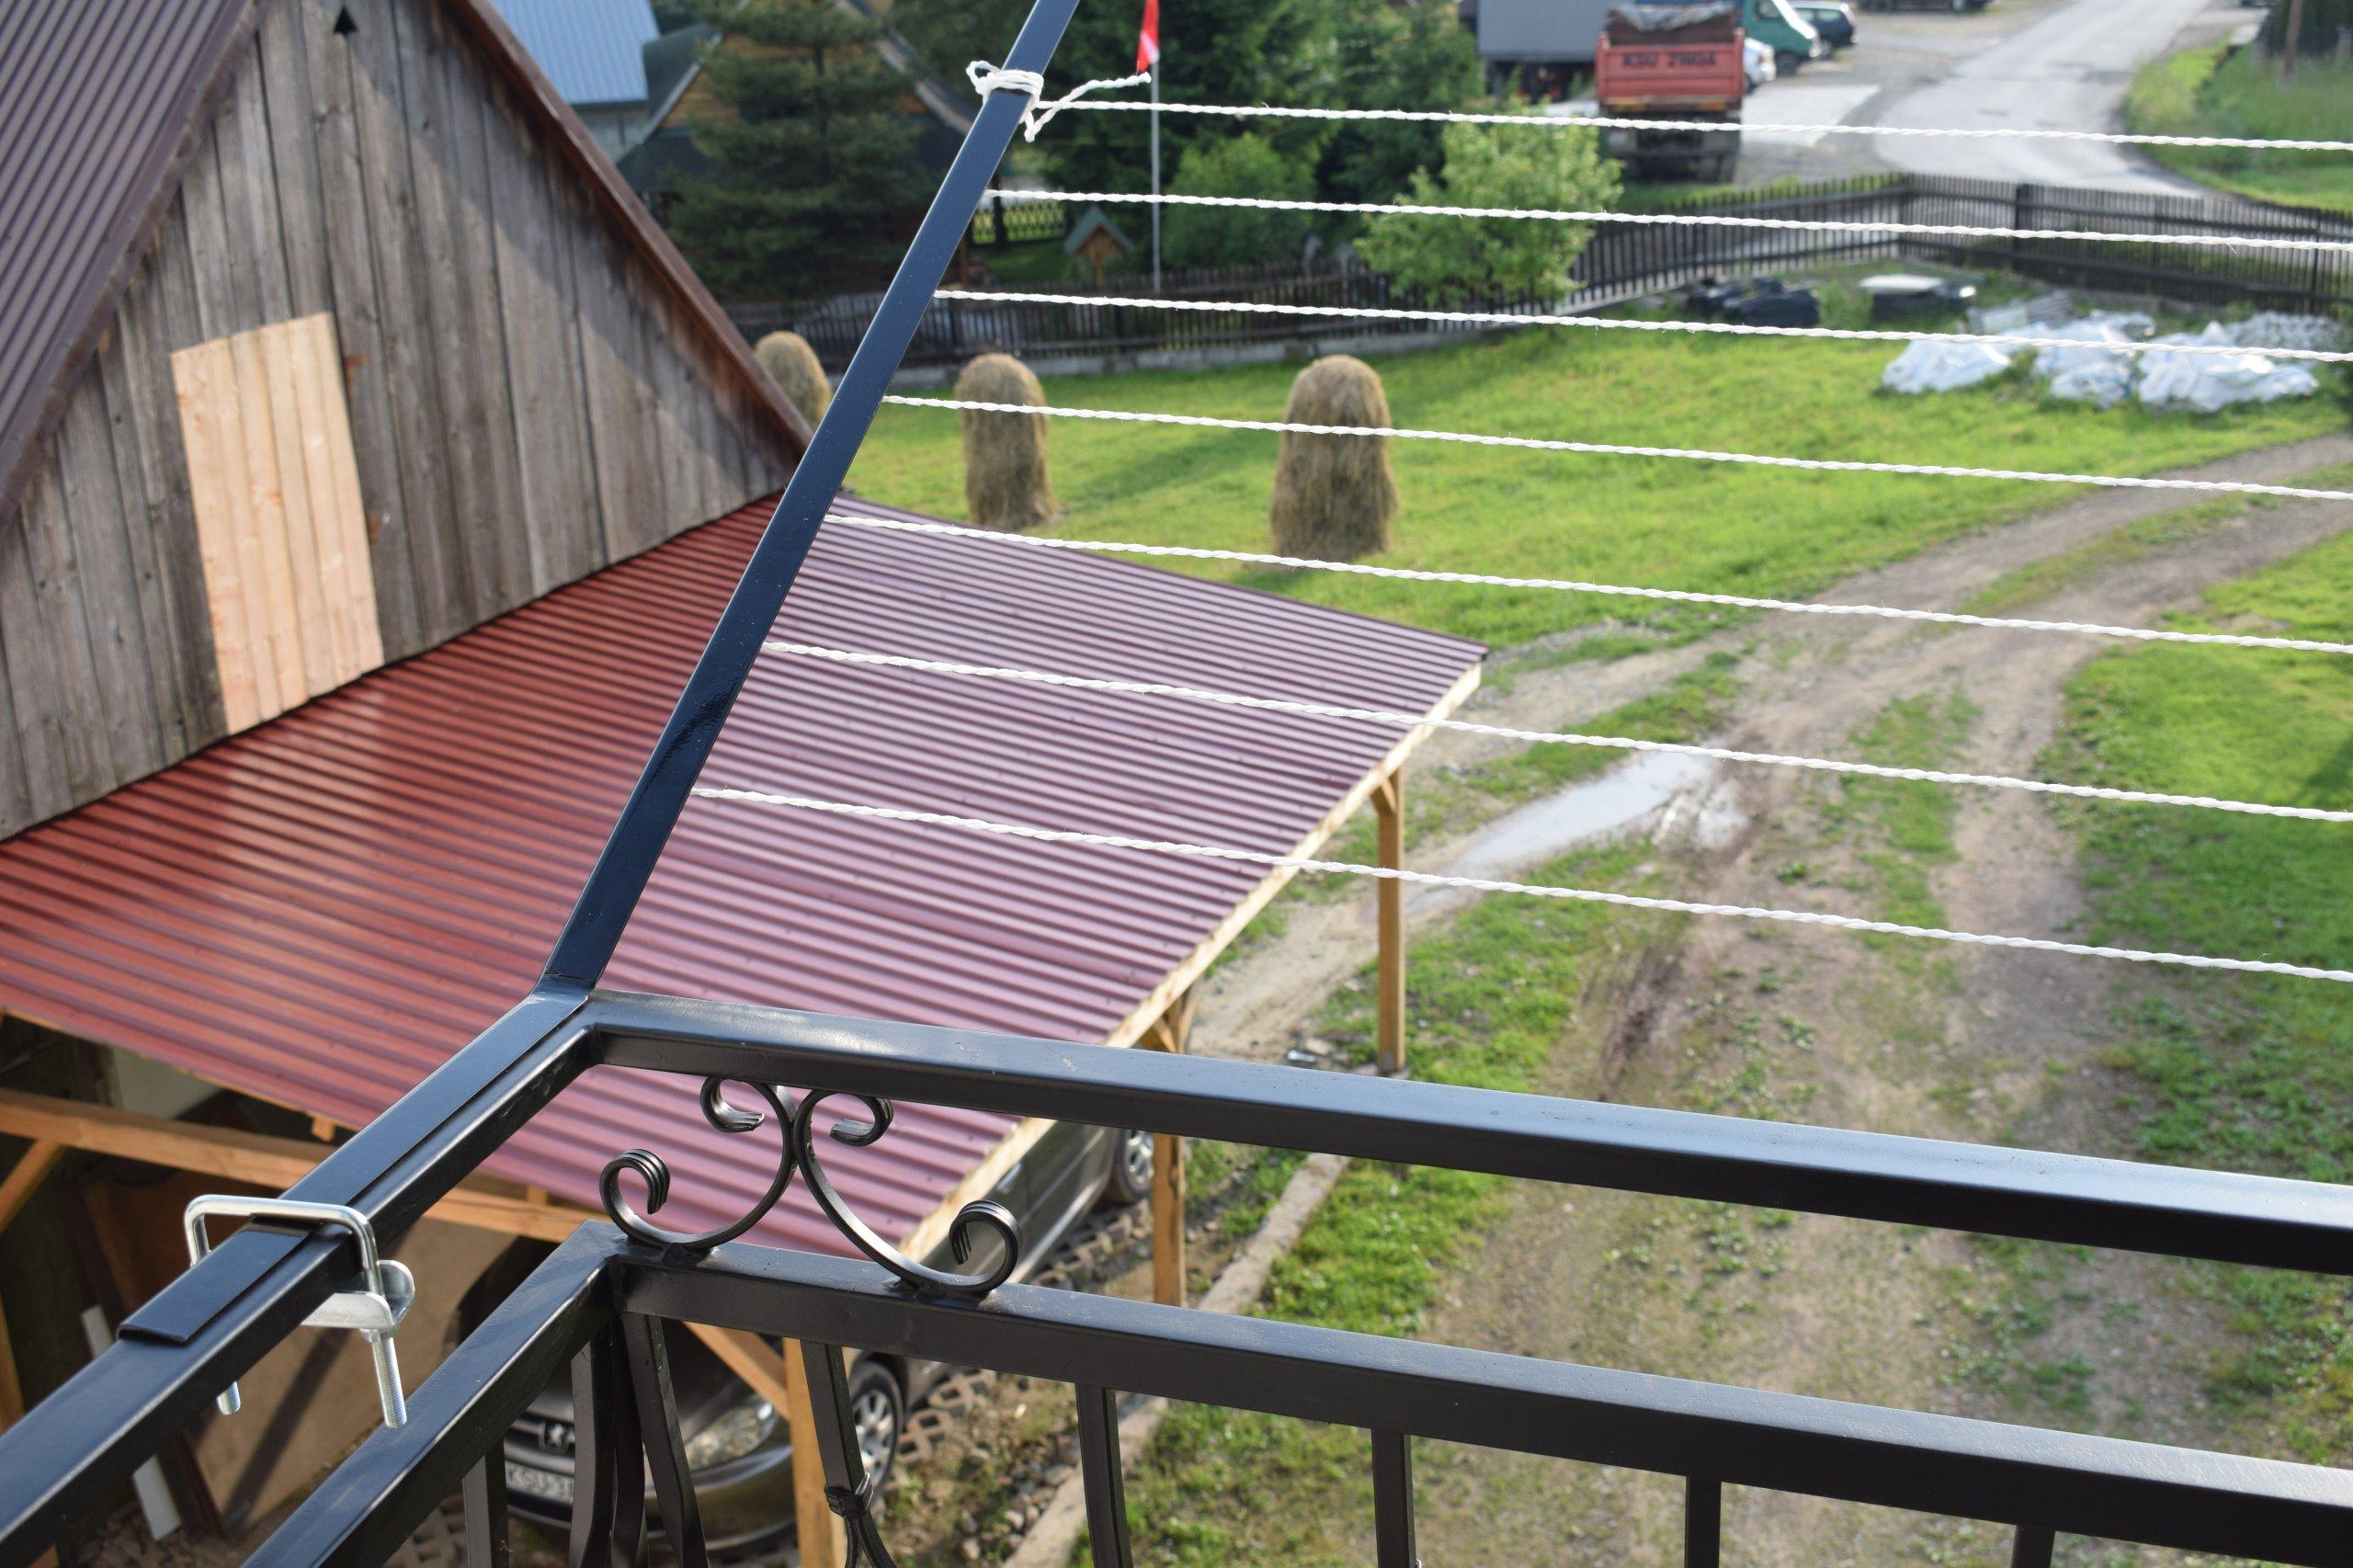 Suszarka Na Pranie Balkonowa Suszarki Na Balkon 7371361861